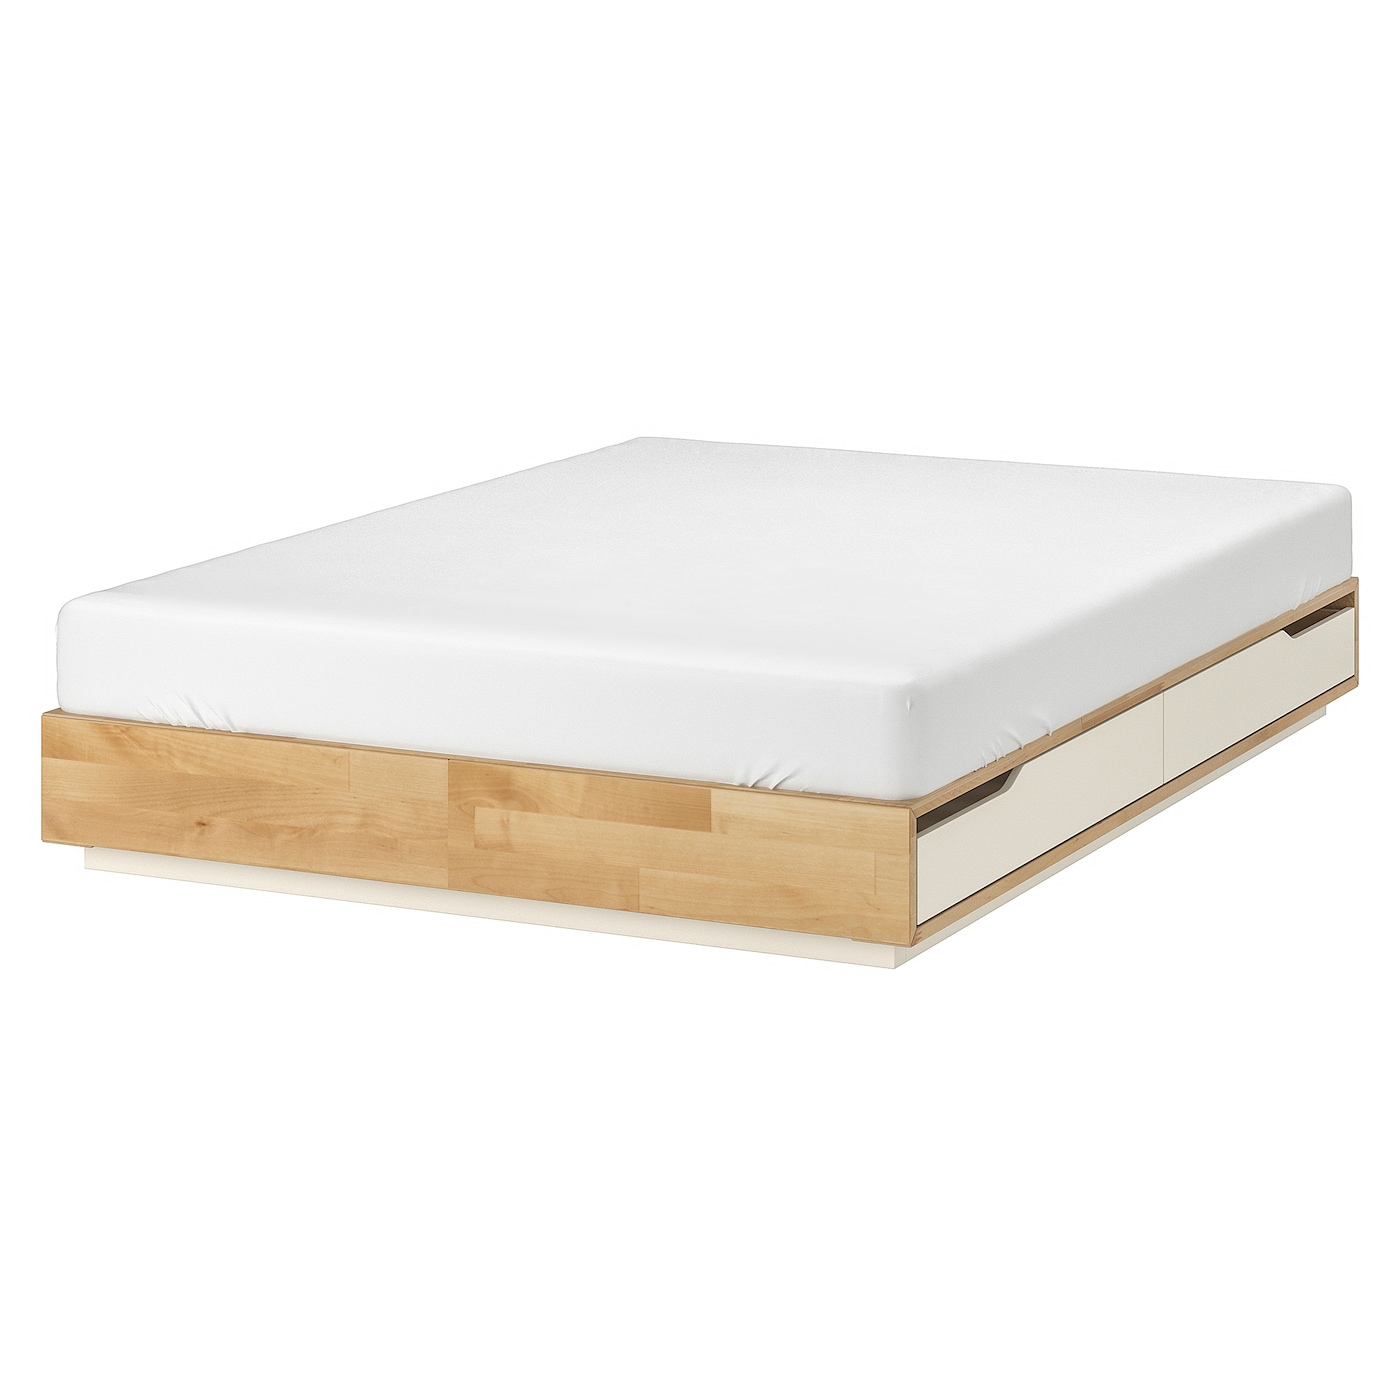 Full Size of Stauraum Bett 120x200 Ikea Mandal Bettgestell Mit Schubladen Birke Ausziehbar Betten Für übergewichtige 160x200 Lattenrost Weiss 1 40 Amerikanisches Matratze Wohnzimmer Stauraum Bett 120x200 Ikea